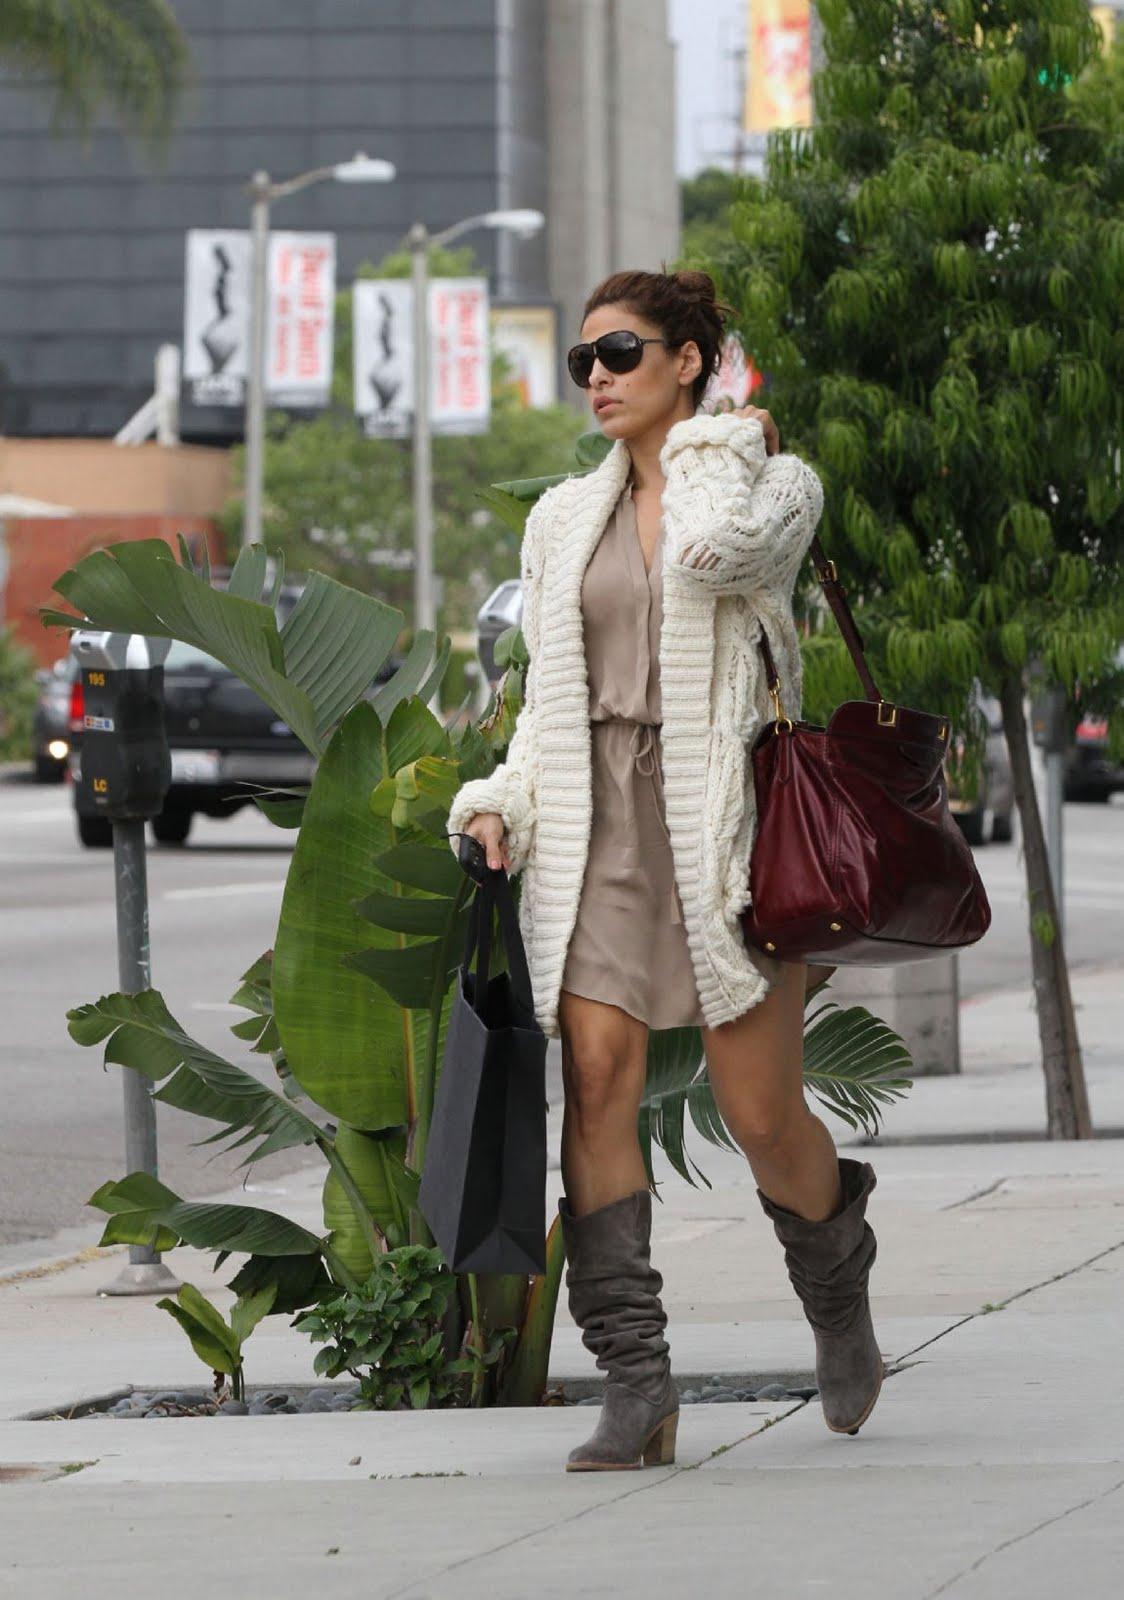 http://2.bp.blogspot.com/-Z20LLluWKE0/TbFpB5a27oI/AAAAAAAADrk/etRIpDDirys/s1600/Eva+Mendes+shopping+in+Beverly+Hills+%25281%2529.jpg